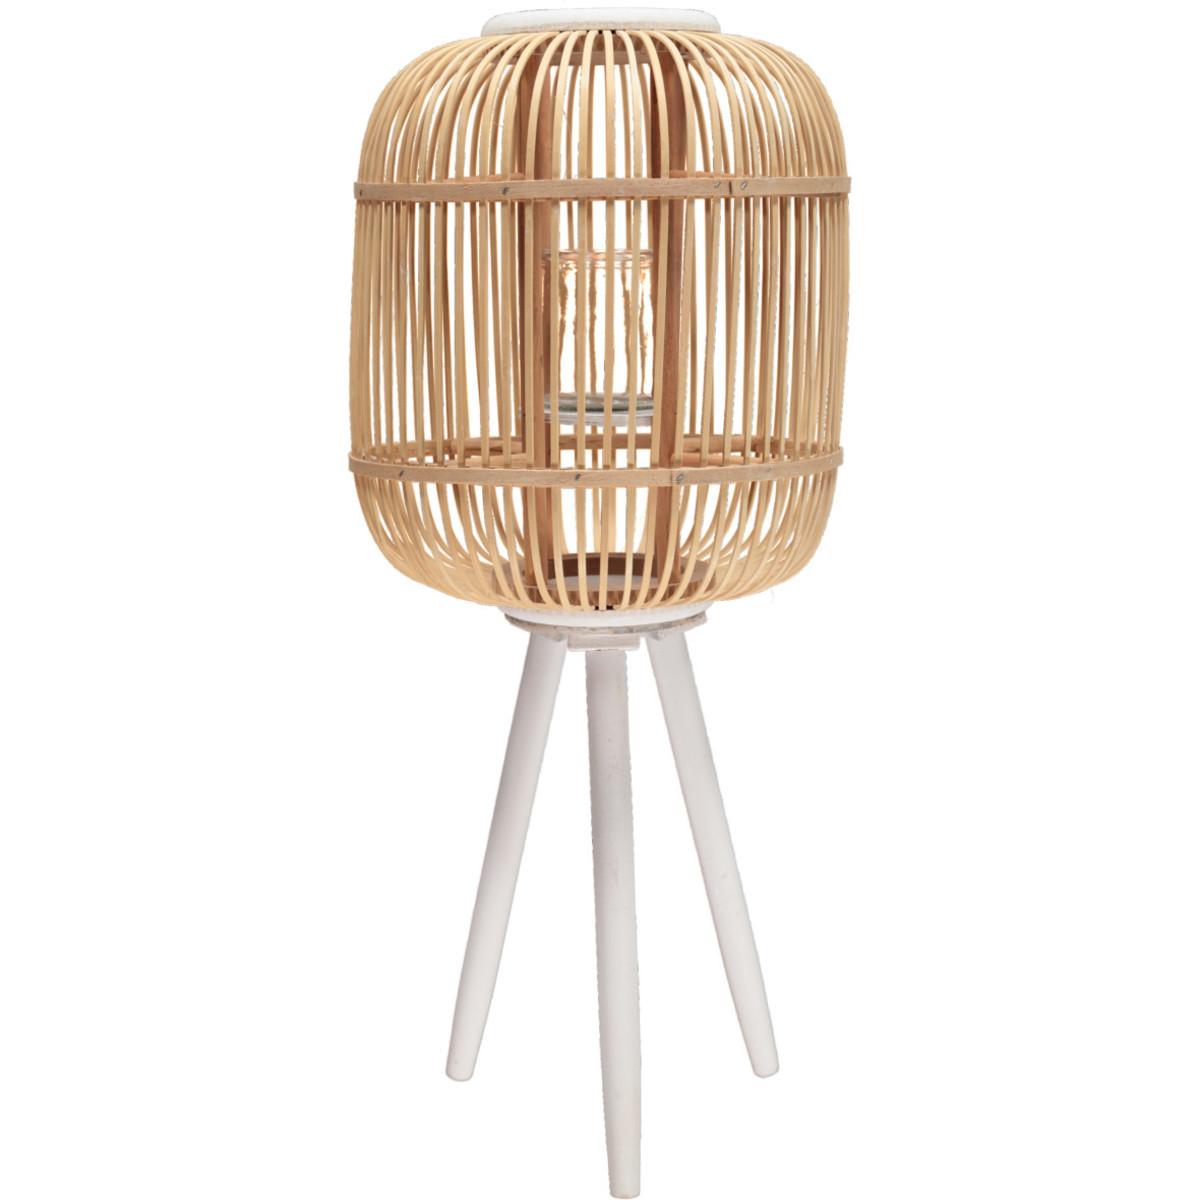 Bild 1 von Windlicht im Boho-Stil, H:76cm